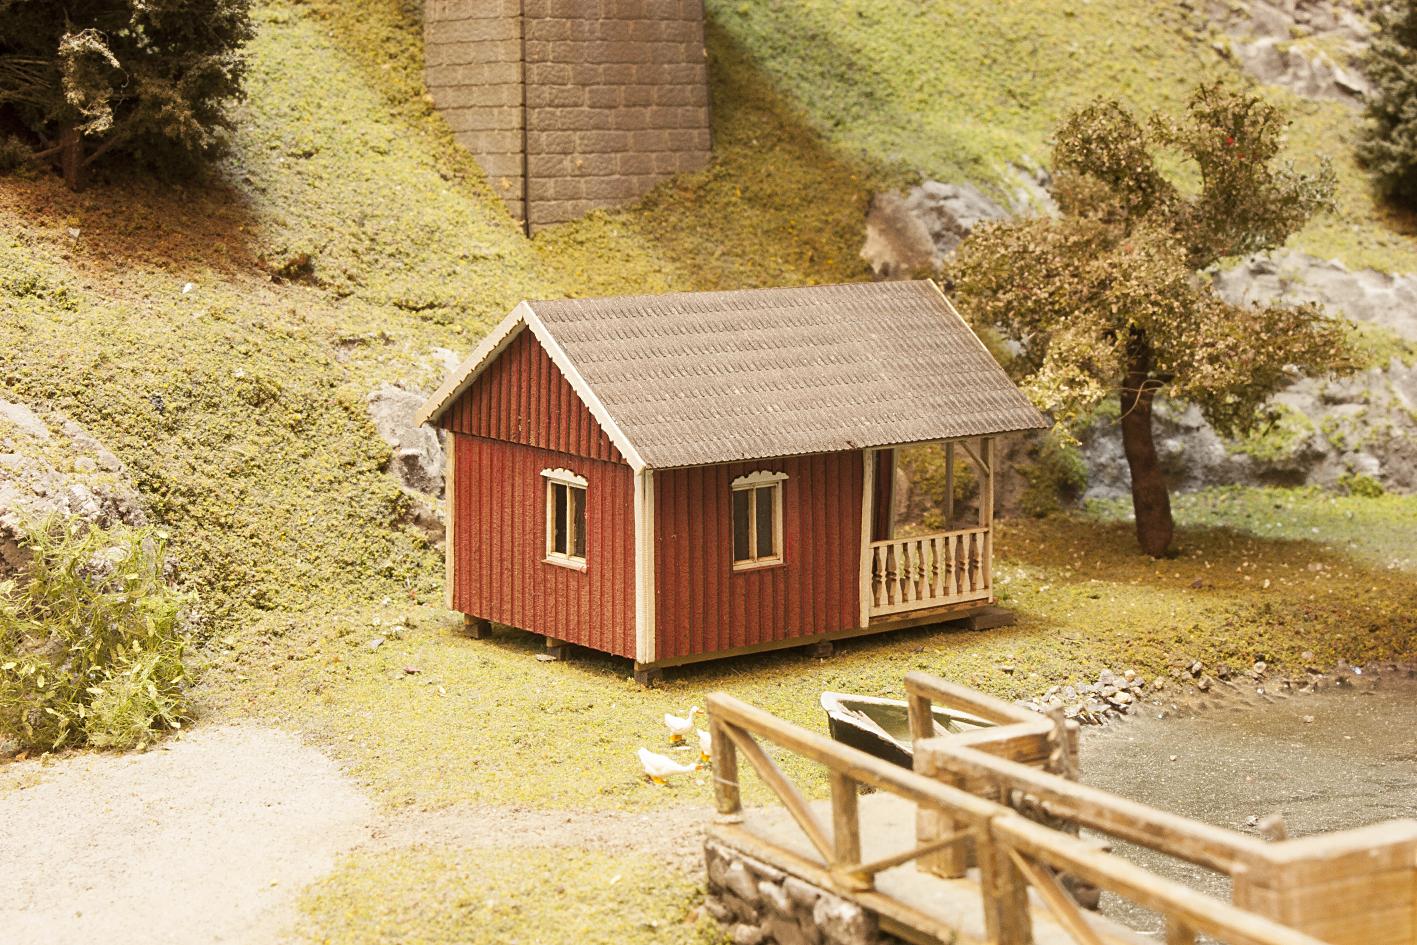 gartenhaus mit veranda schwedisch rot lasercut welten. Black Bedroom Furniture Sets. Home Design Ideas